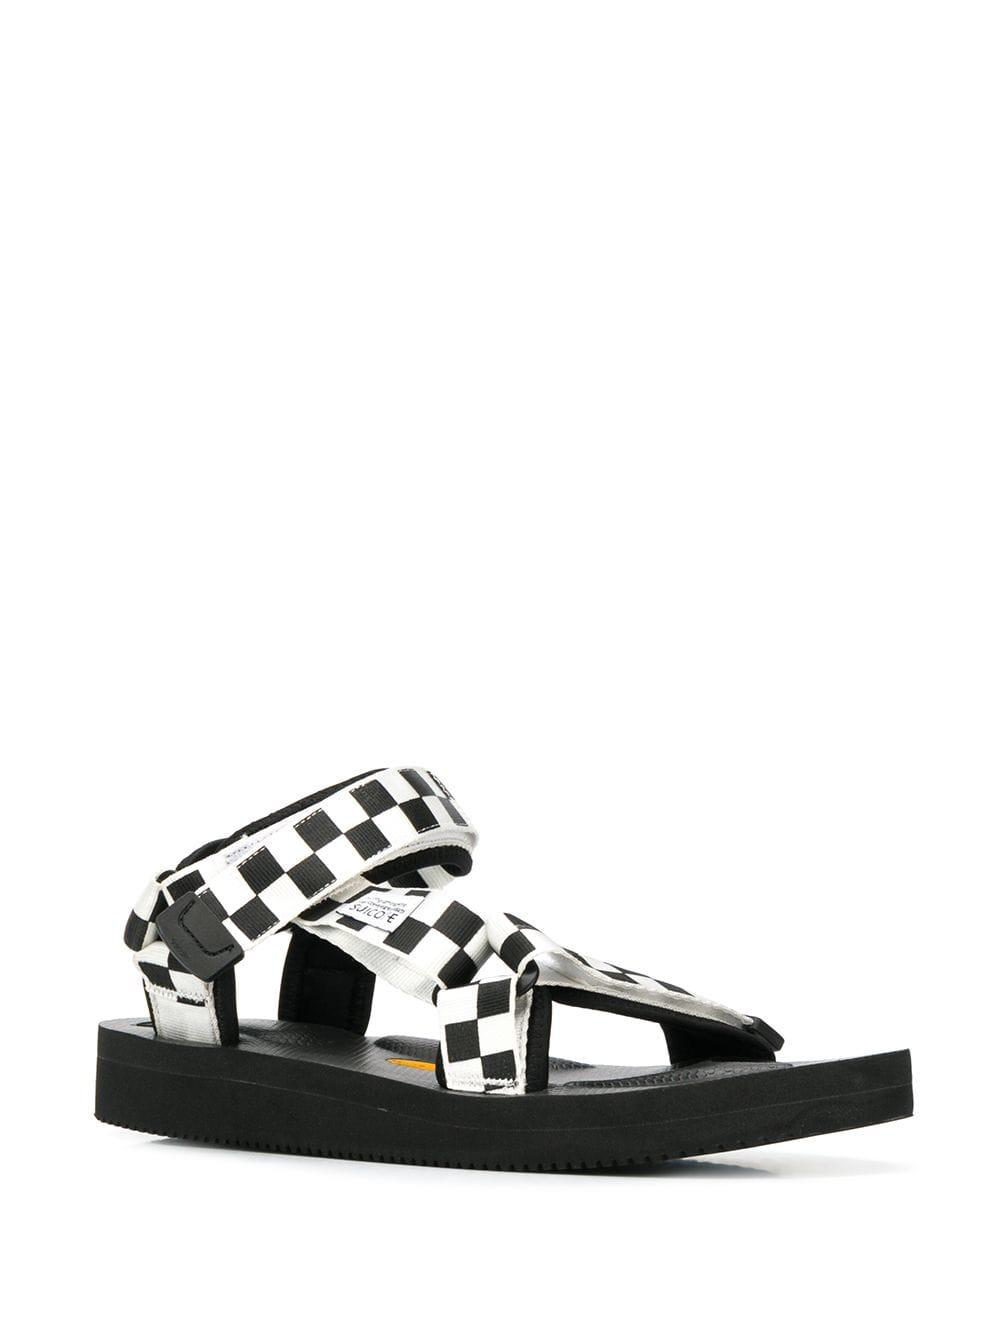 dedba5643db7 Suicoke Depa Sandals in Black for Men - Lyst